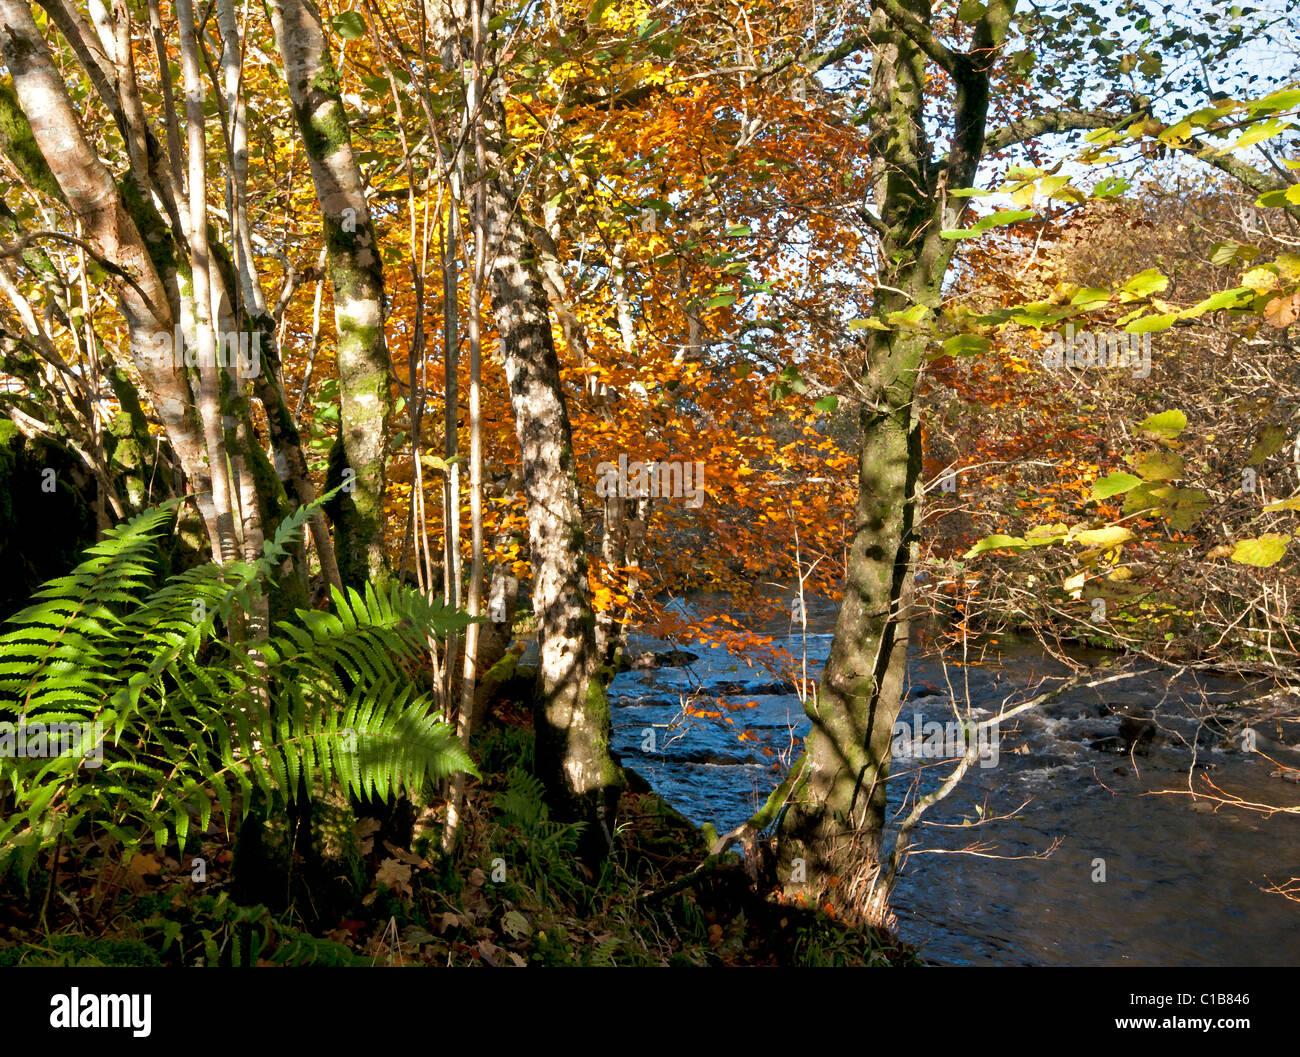 Ricos colores otoñales de un hábitat de Riverside con hayas, helechos, alisos y reflejos azules sobre el agua Foto de stock